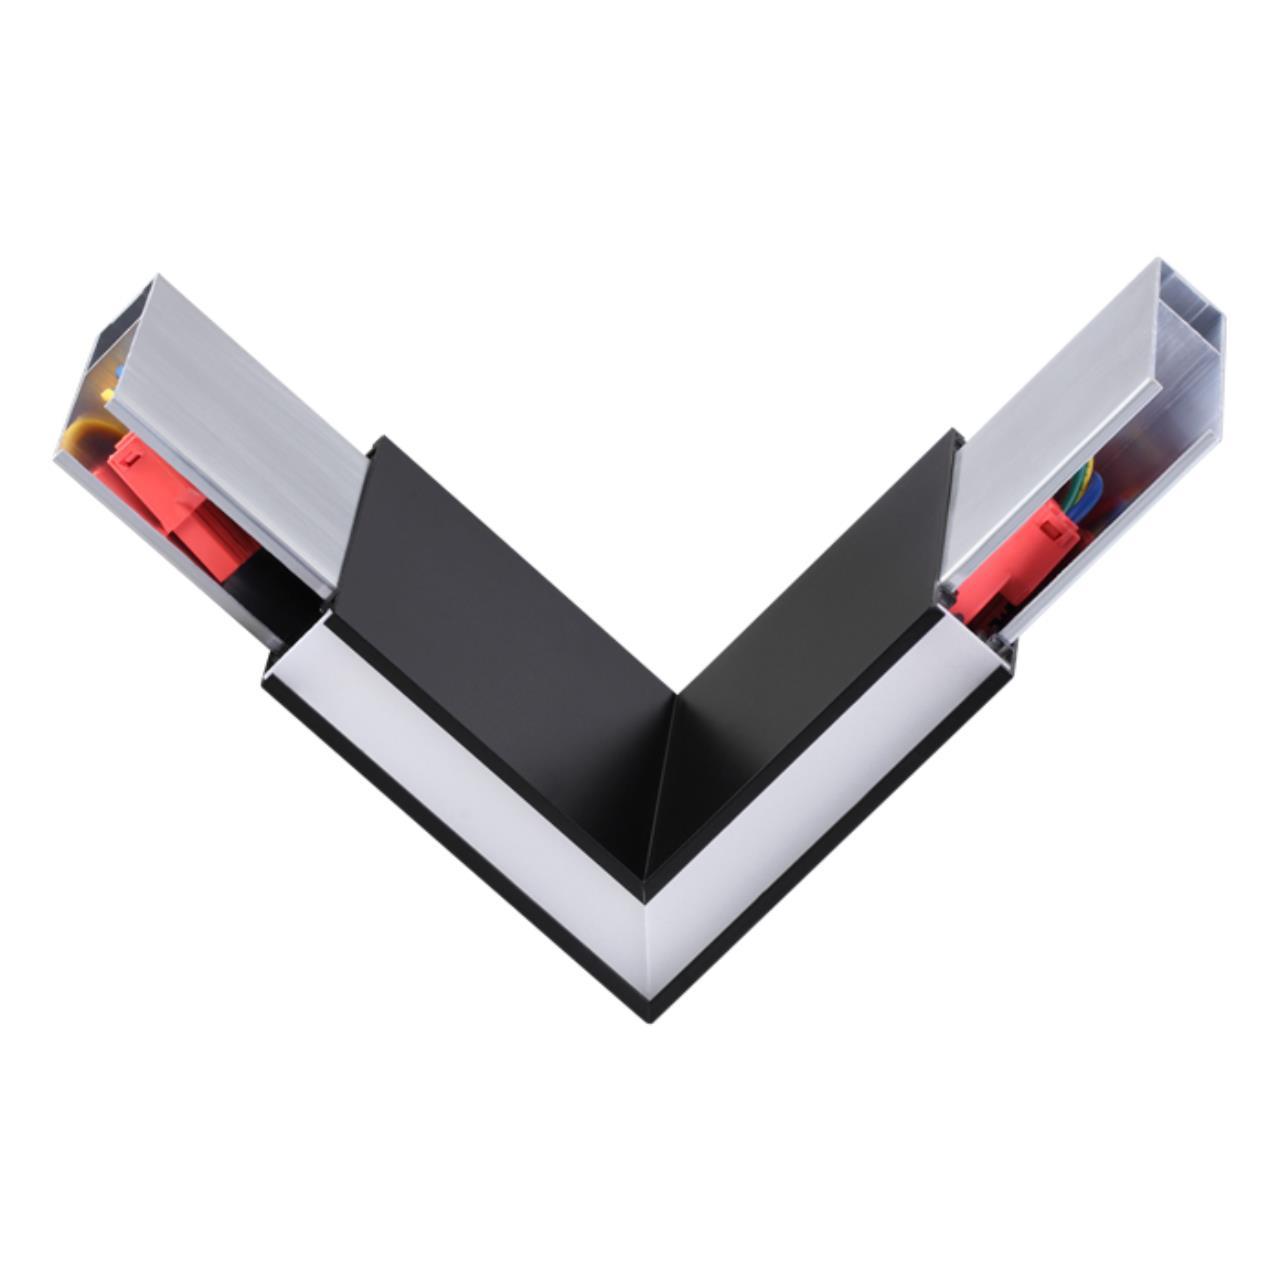 135077 OVER NT19 050 черный Соединитель угловой токопроводящий IP20 LED 4000K 3W 220-240V ITER